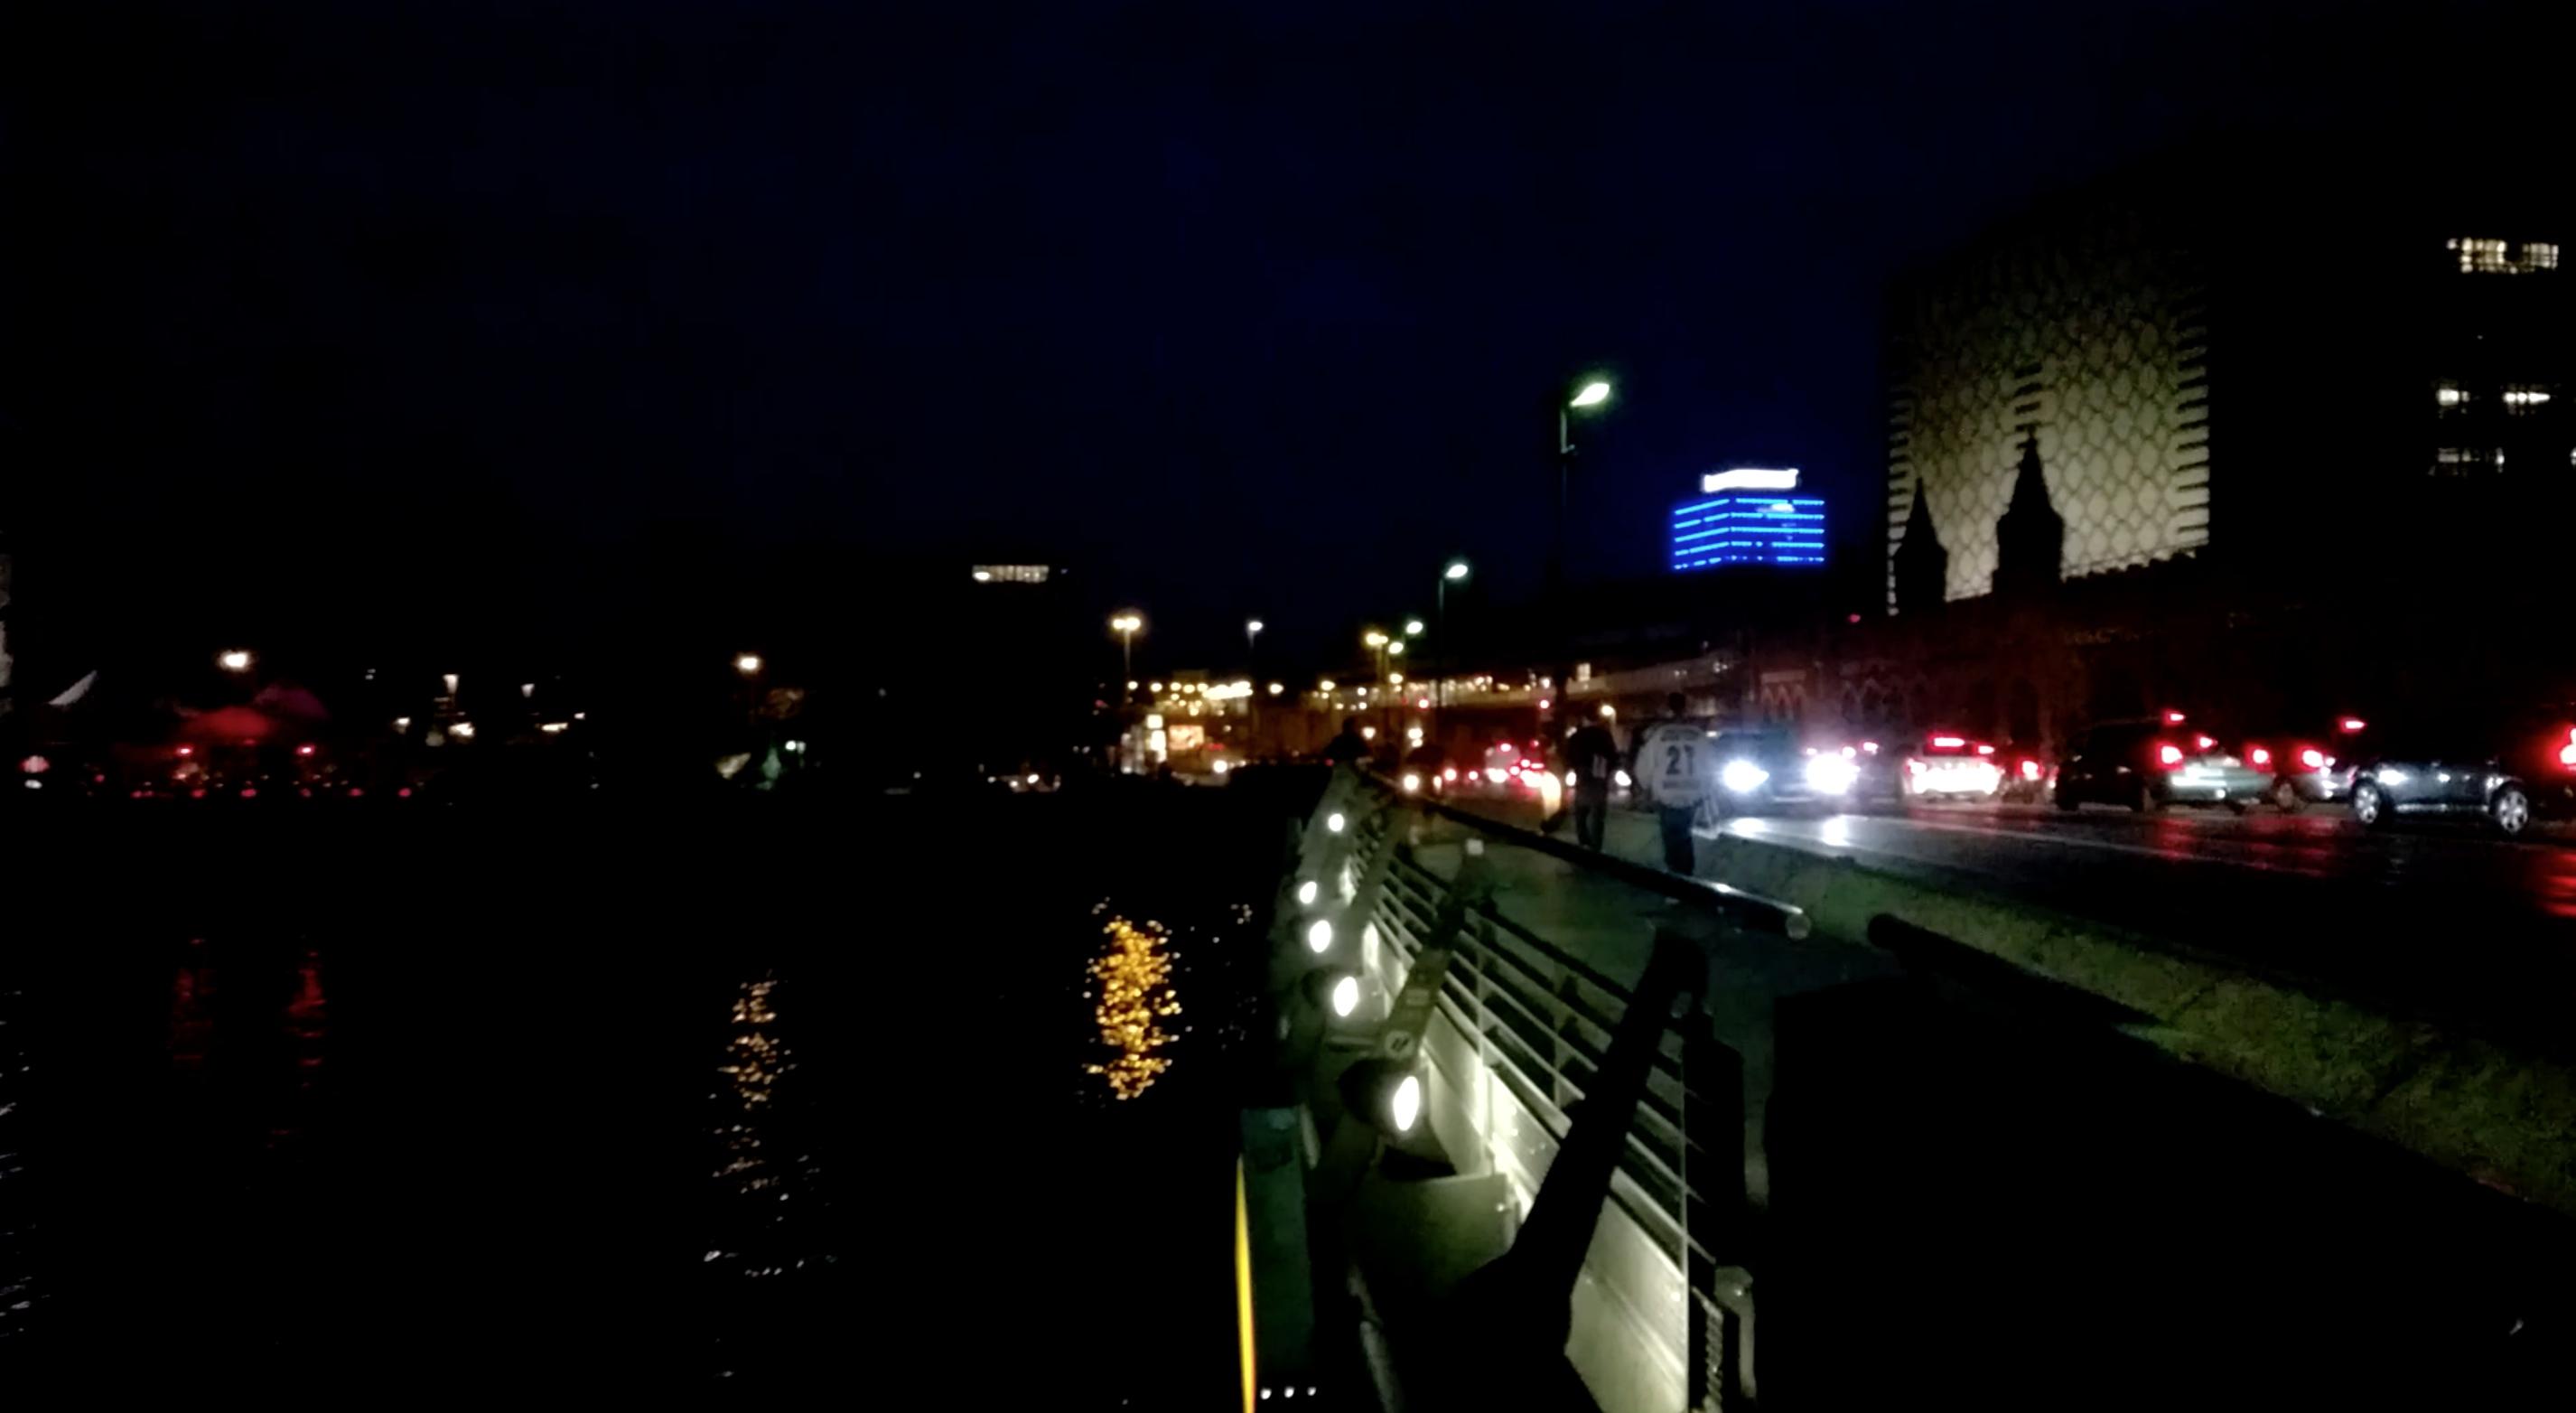 Testvideo Nokia Lumia 930 bei Nacht